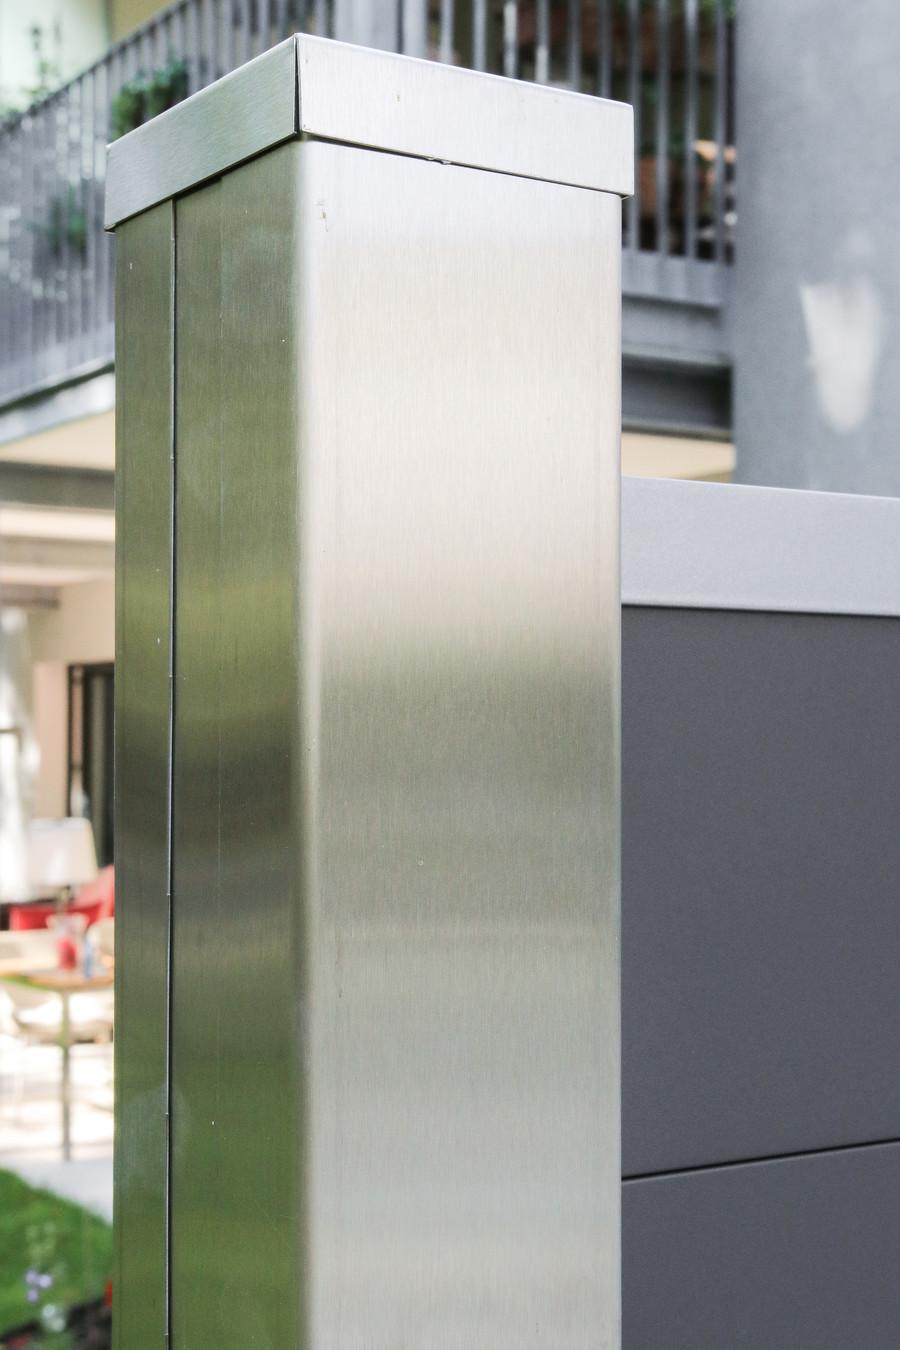 Hervorragend Material Edelstahl - hochwertiges Zaunzubehör | TraumGarten TL25